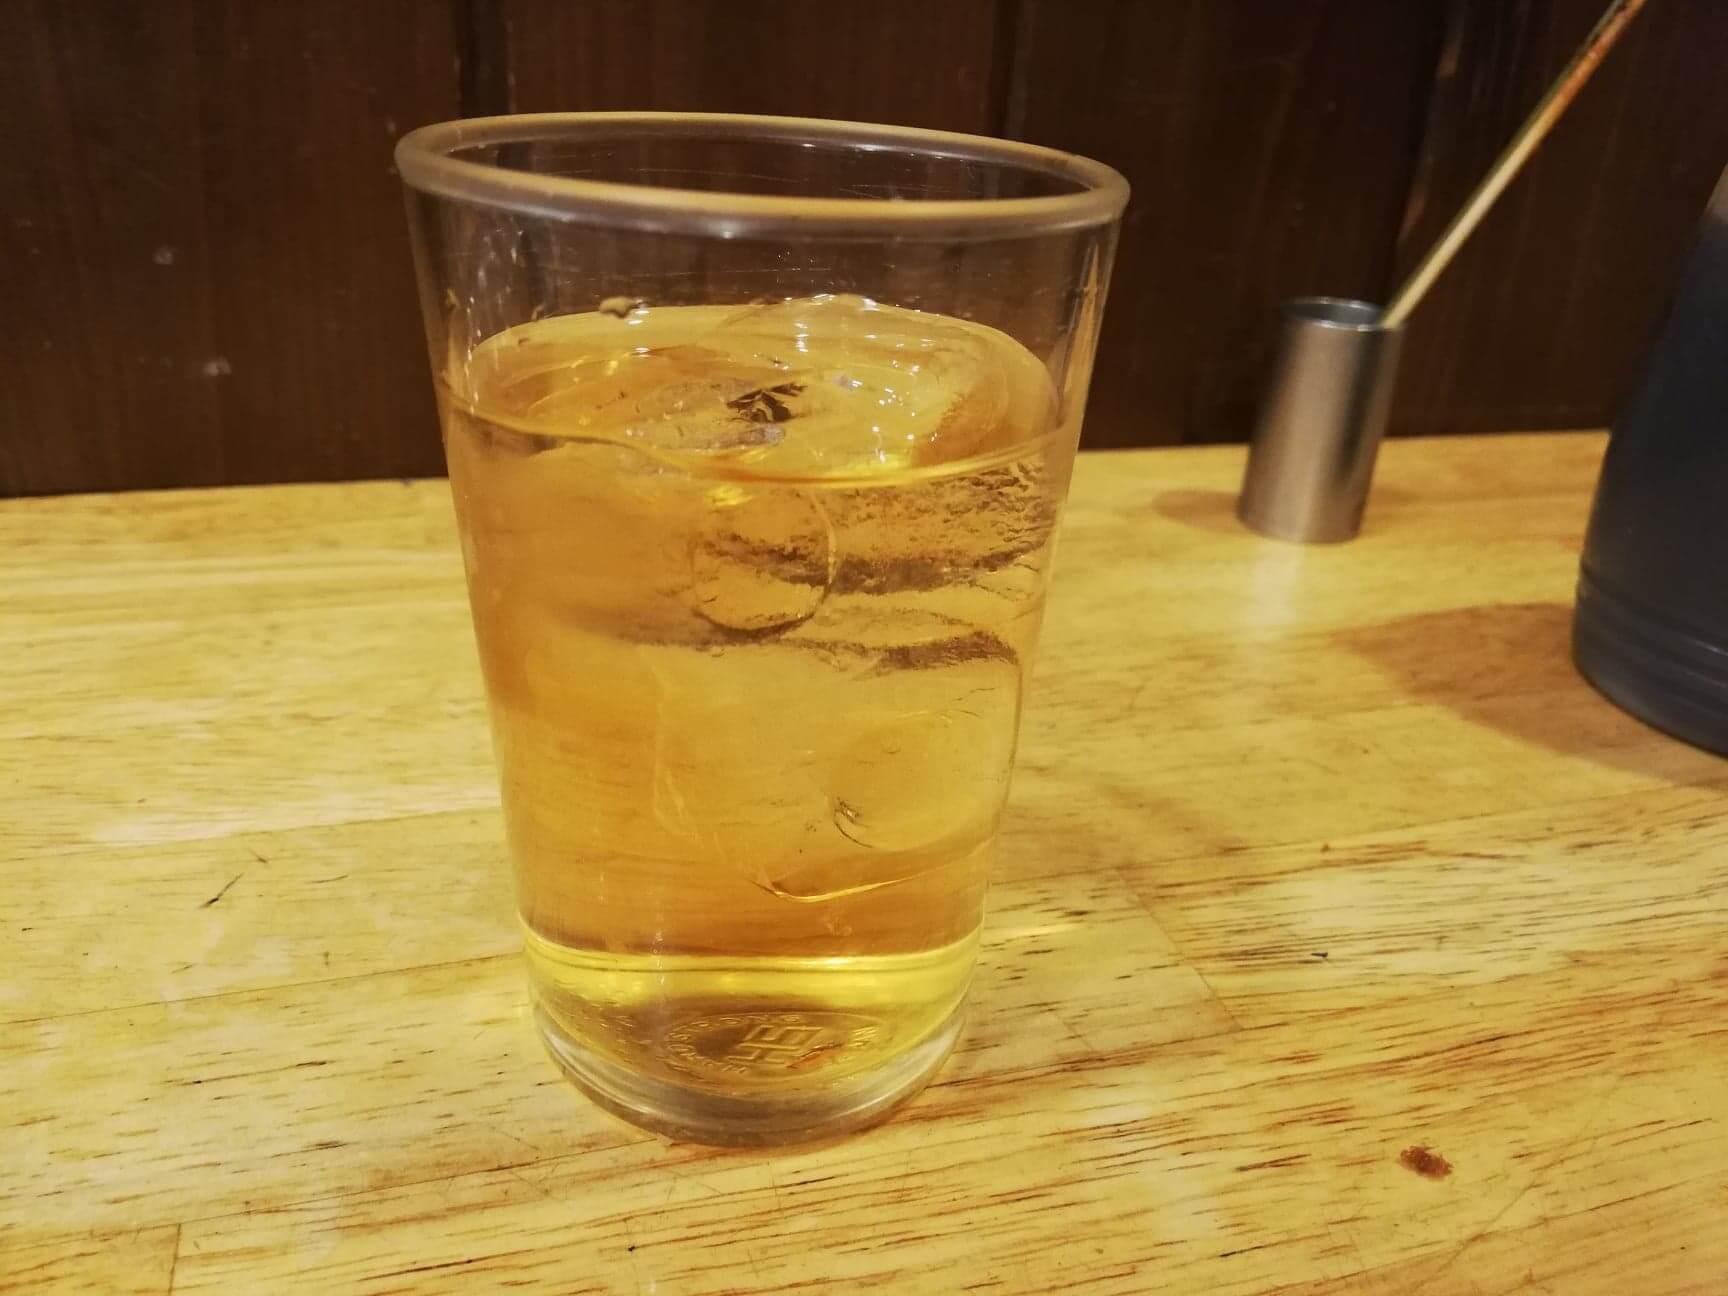 池袋『かぶら屋』の濃醇梅酒ロックの写真